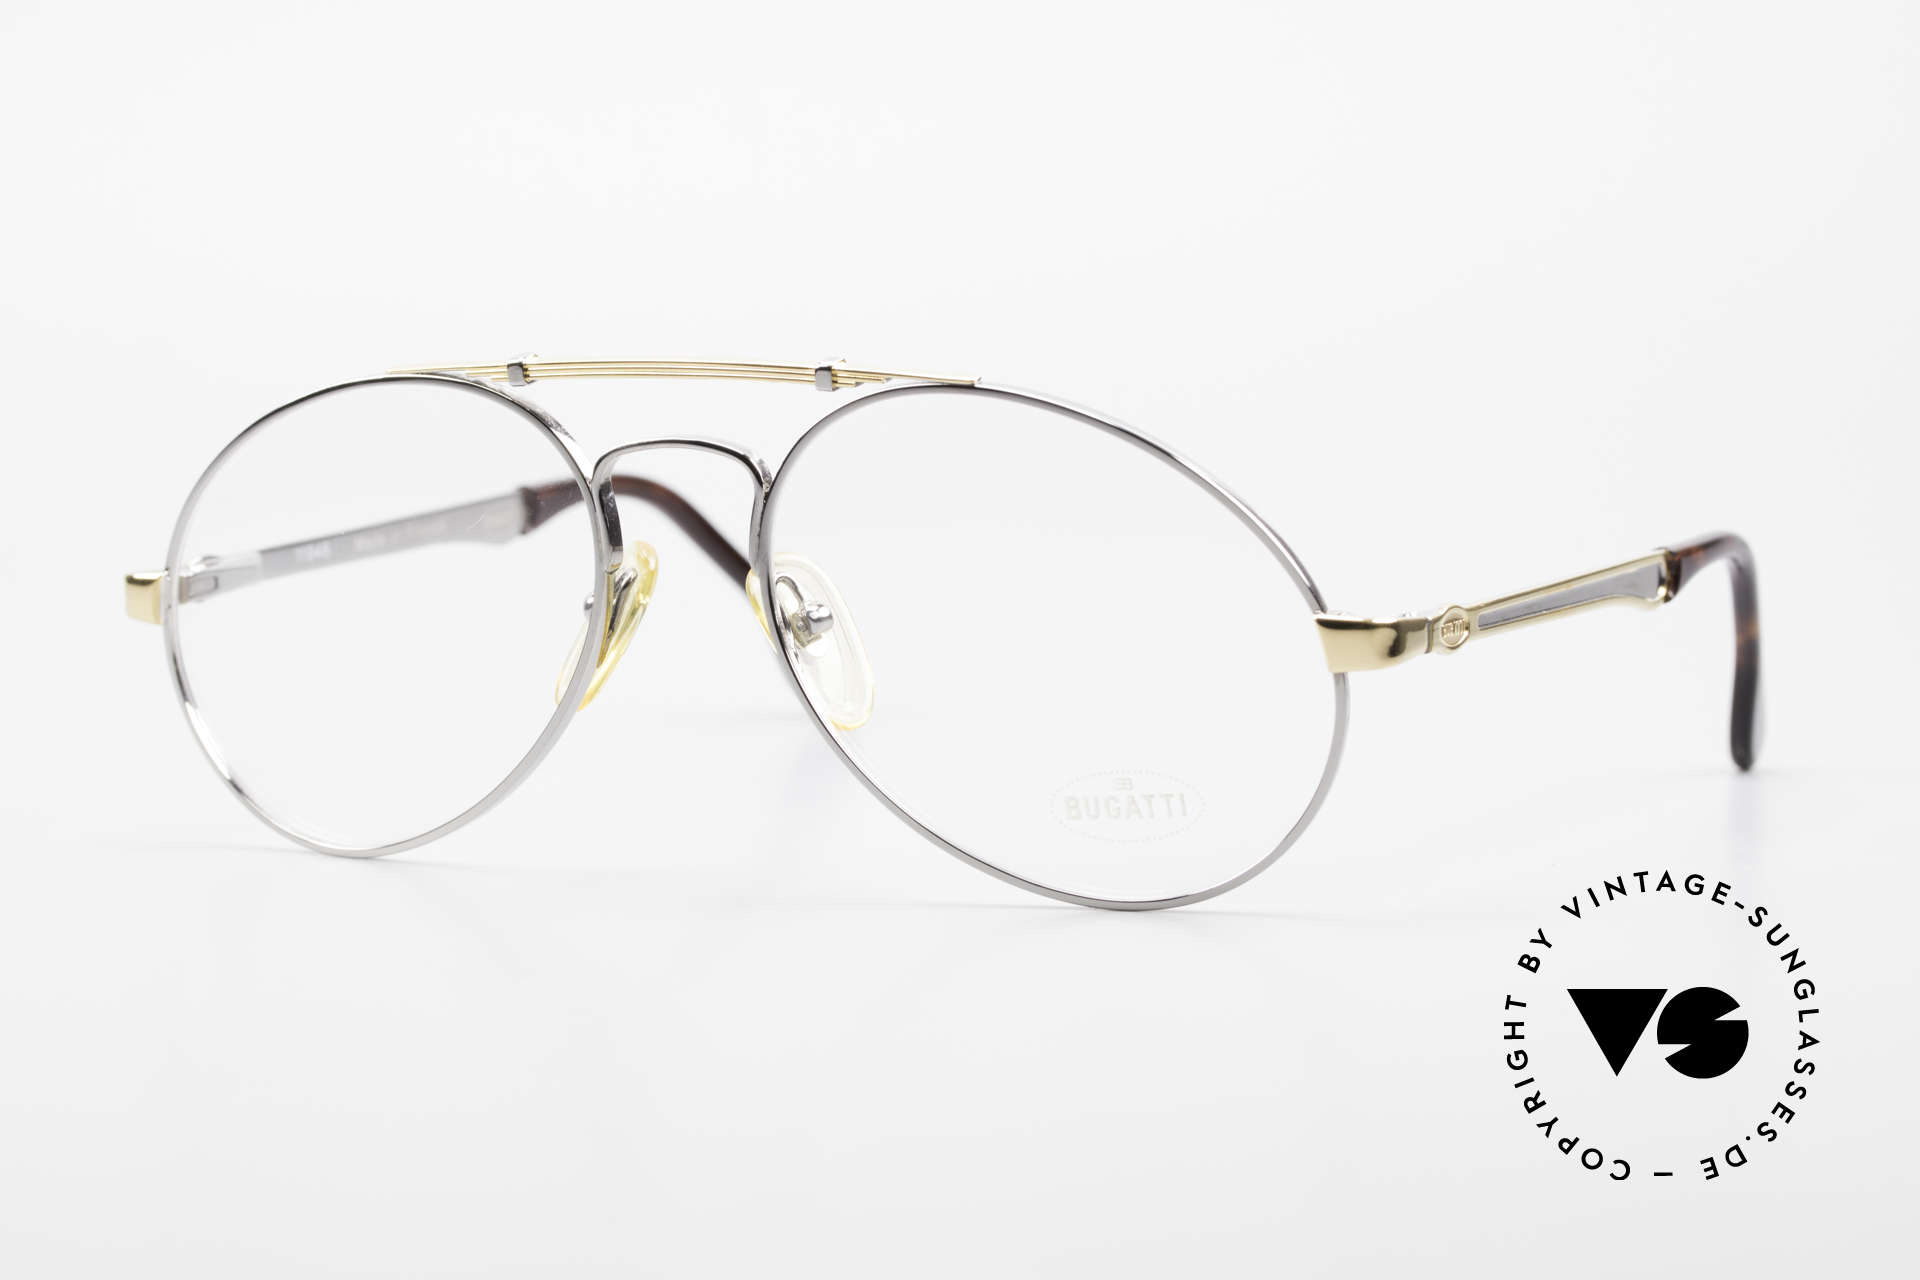 Bugatti 11946 Large 80er Herren Luxus Brille, 80er vintage Herren-Brillenfassung, LARGE 56/18, Passend für Herren